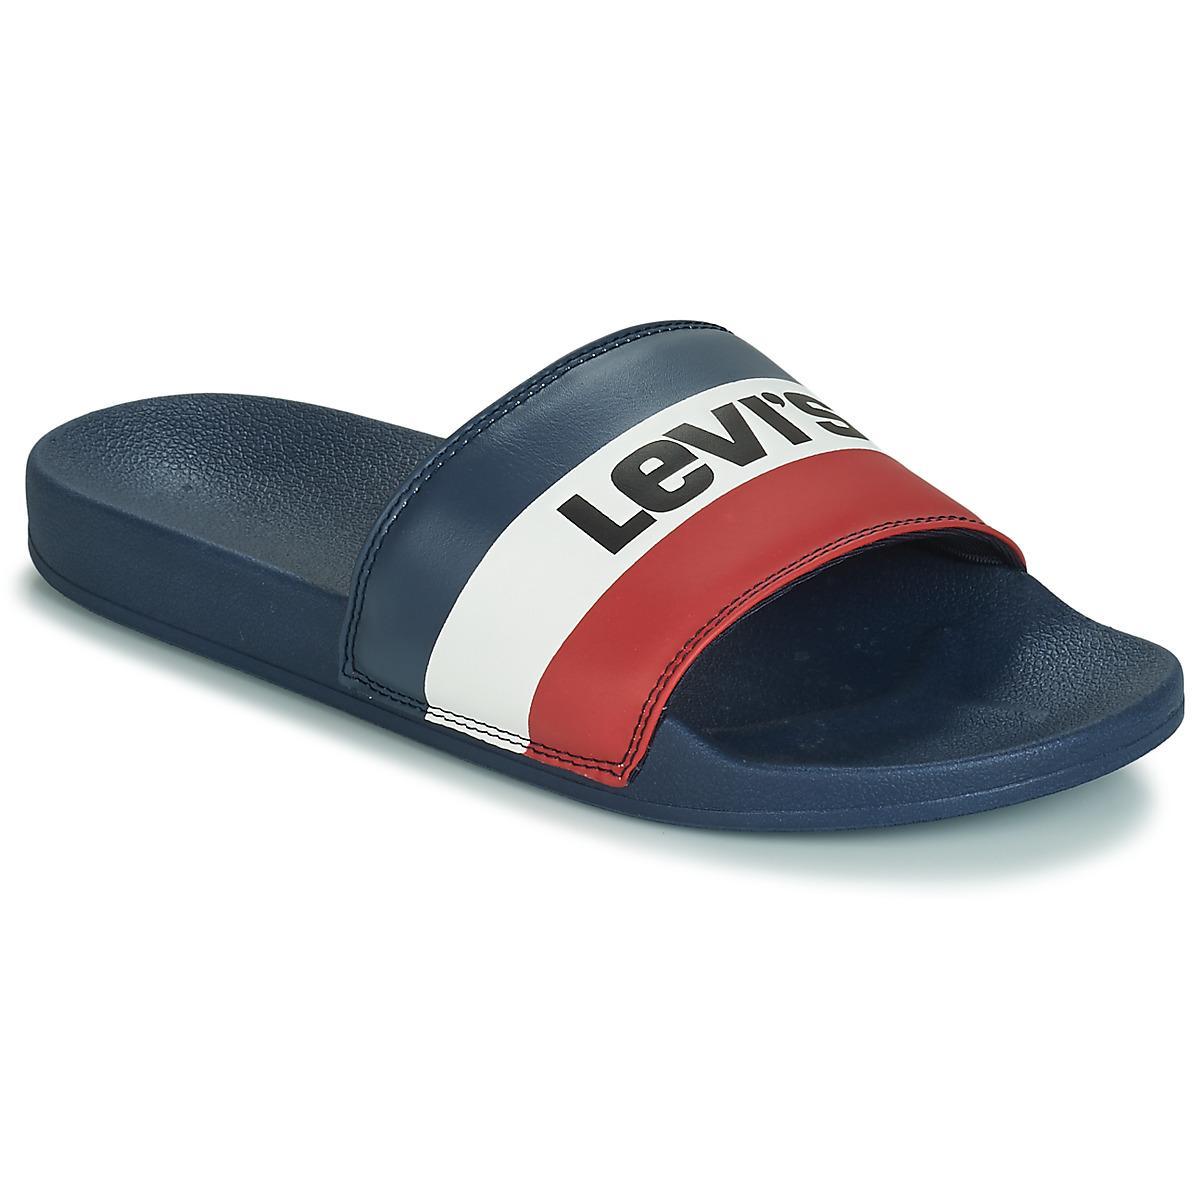 183e4f443e42 Levi s June Sportswear Flip Flops in Blue for Men - Save 55% - Lyst